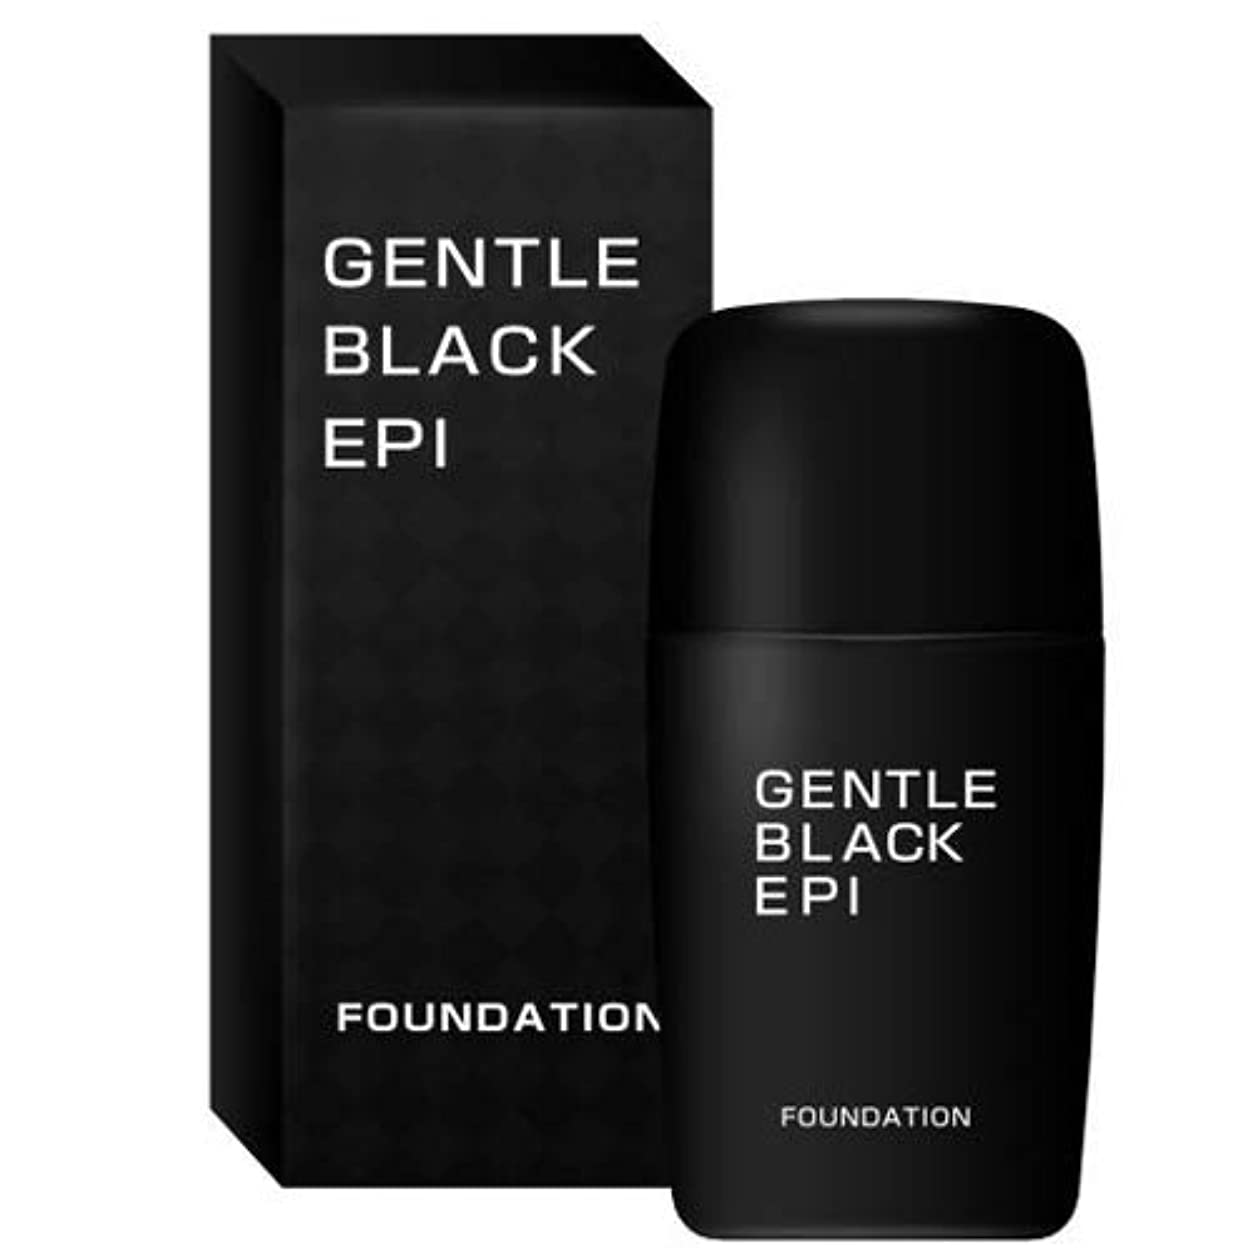 仲間、同僚会員レンズGENTLE BLACK EPI FAUNDATION ジェントルブラックエピファンデーション